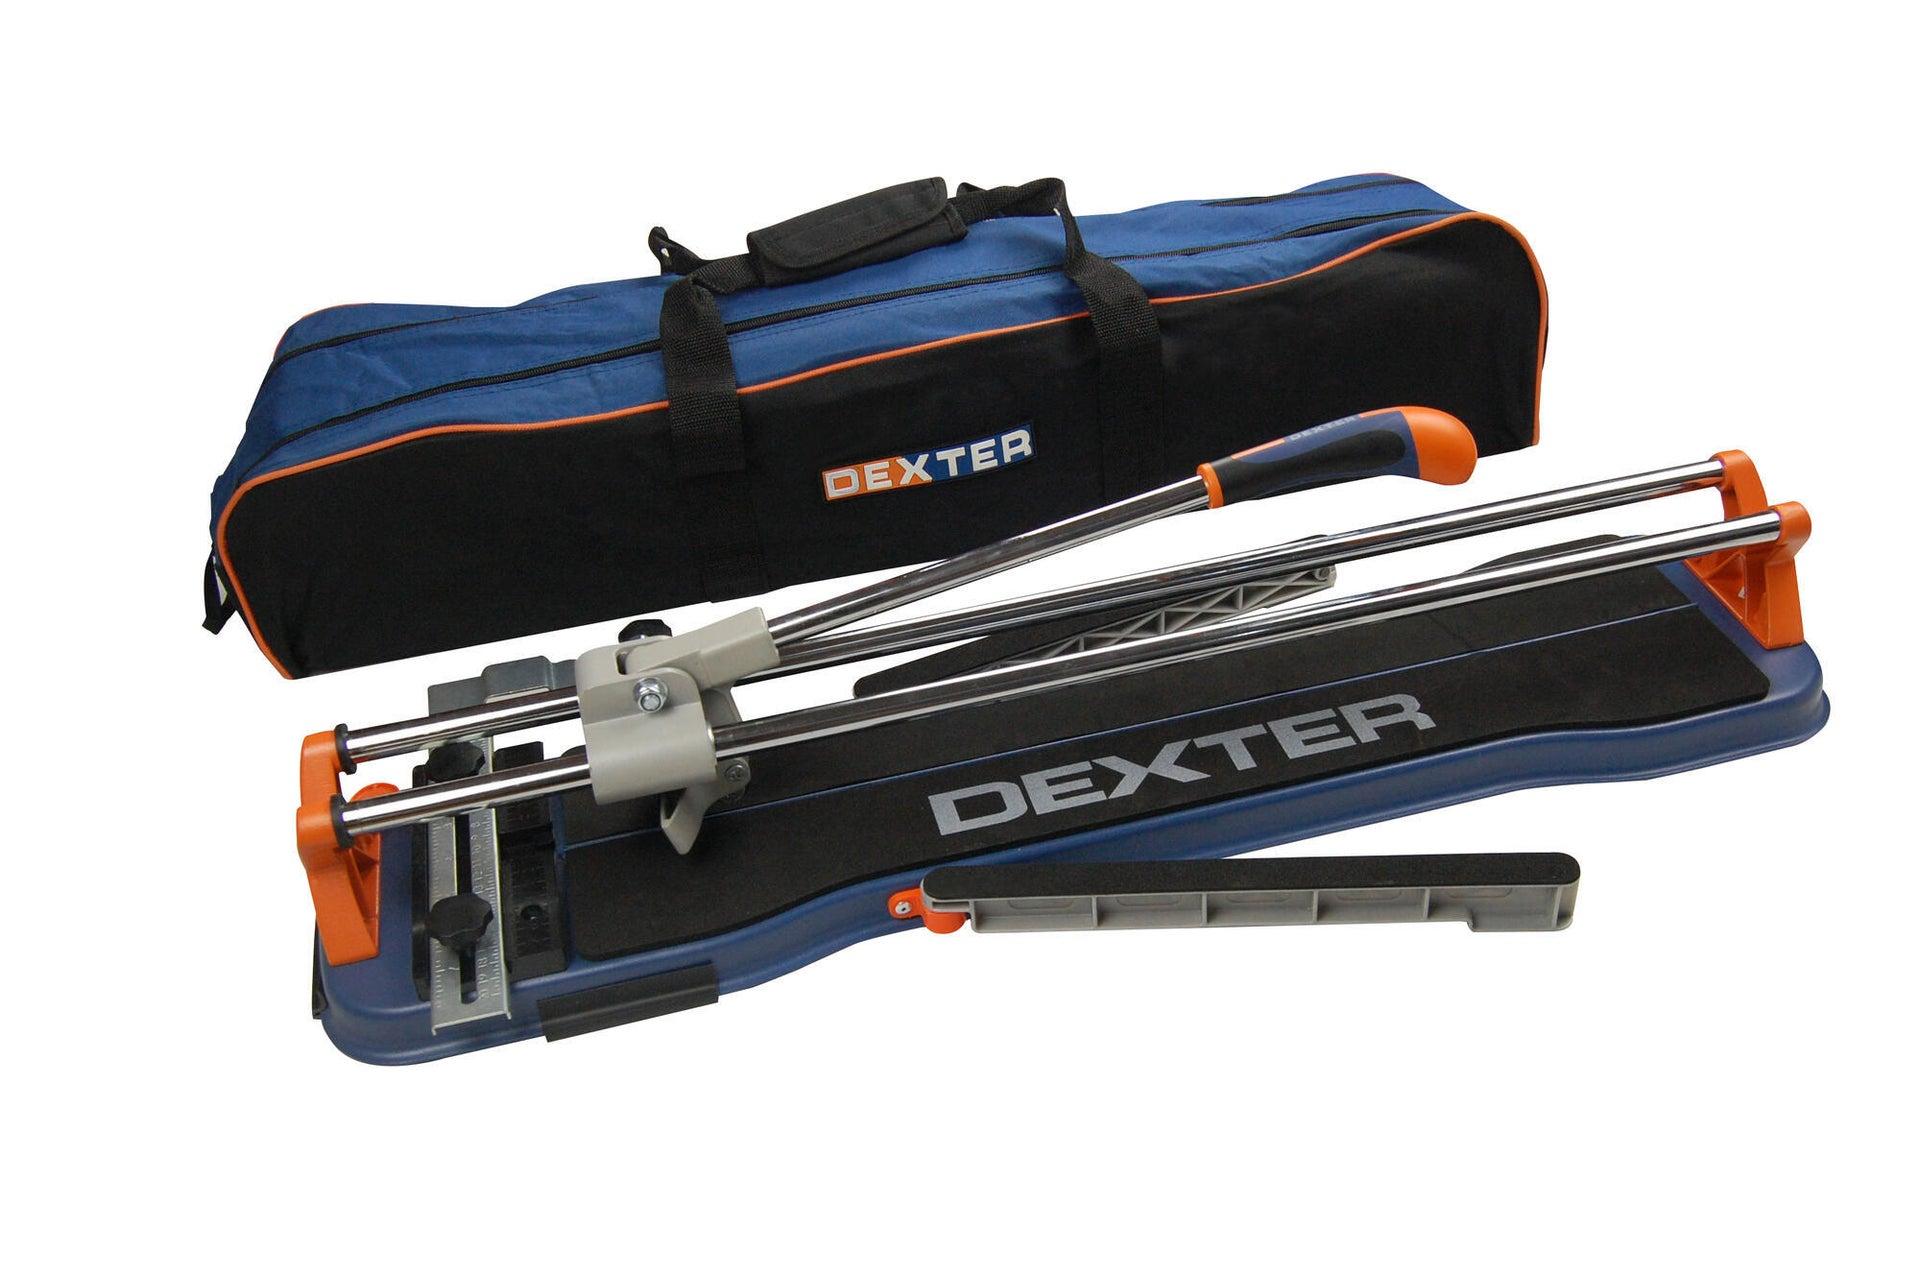 Tagliapiastrelle manuale DEXTER , lunghezza max taglio 600 mm - 9